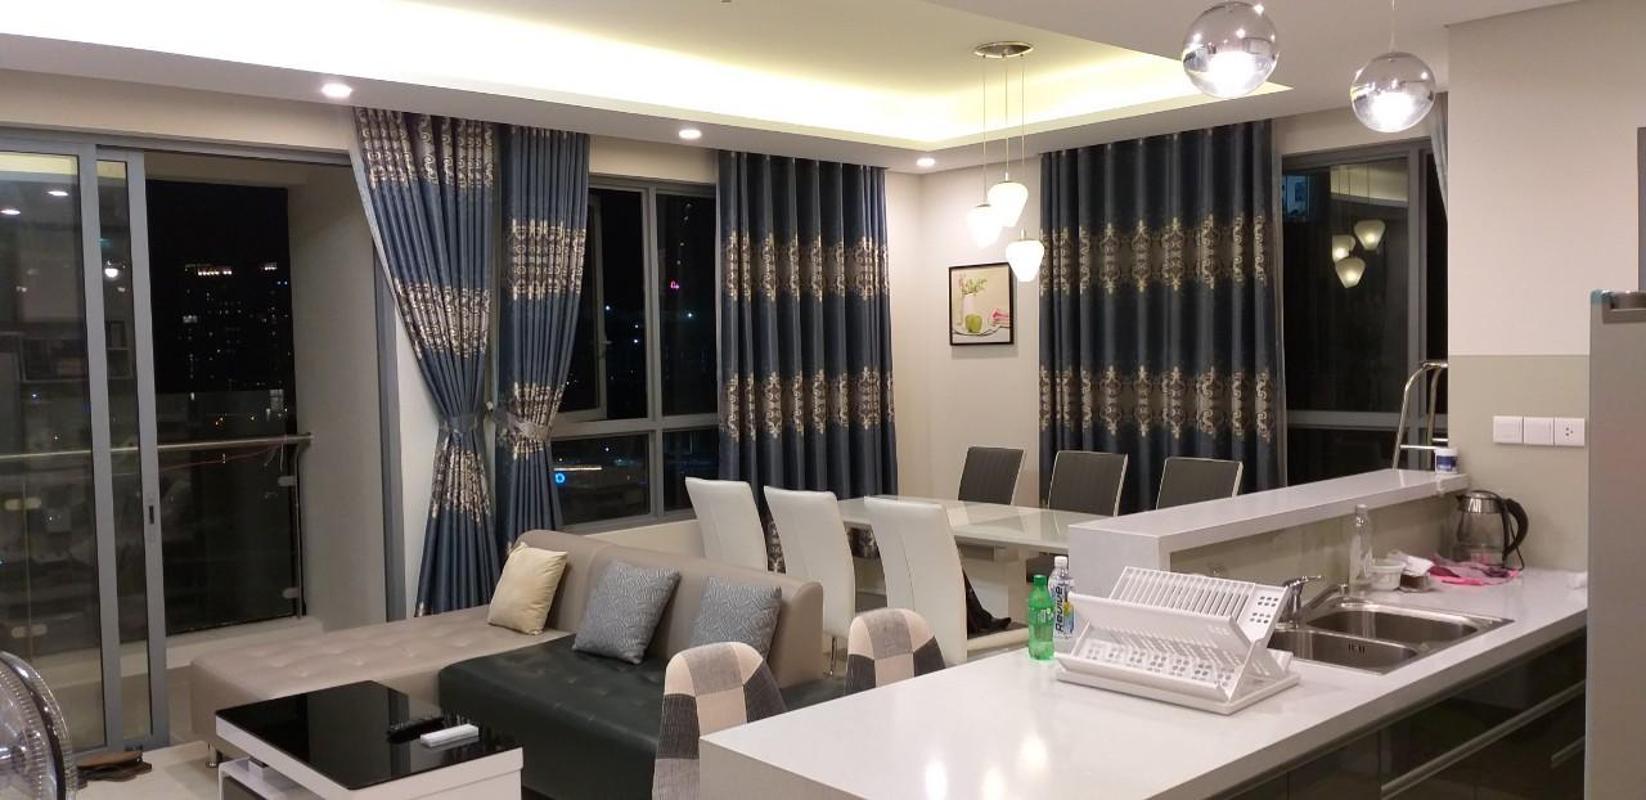 can-ho-diamond-island-dao-kim-cuong Cho thuê căn hộ Diamond Island - Đảo Kim Cương 2PN, tháp Hawaii, đầy đủ nội thất, view nội khu